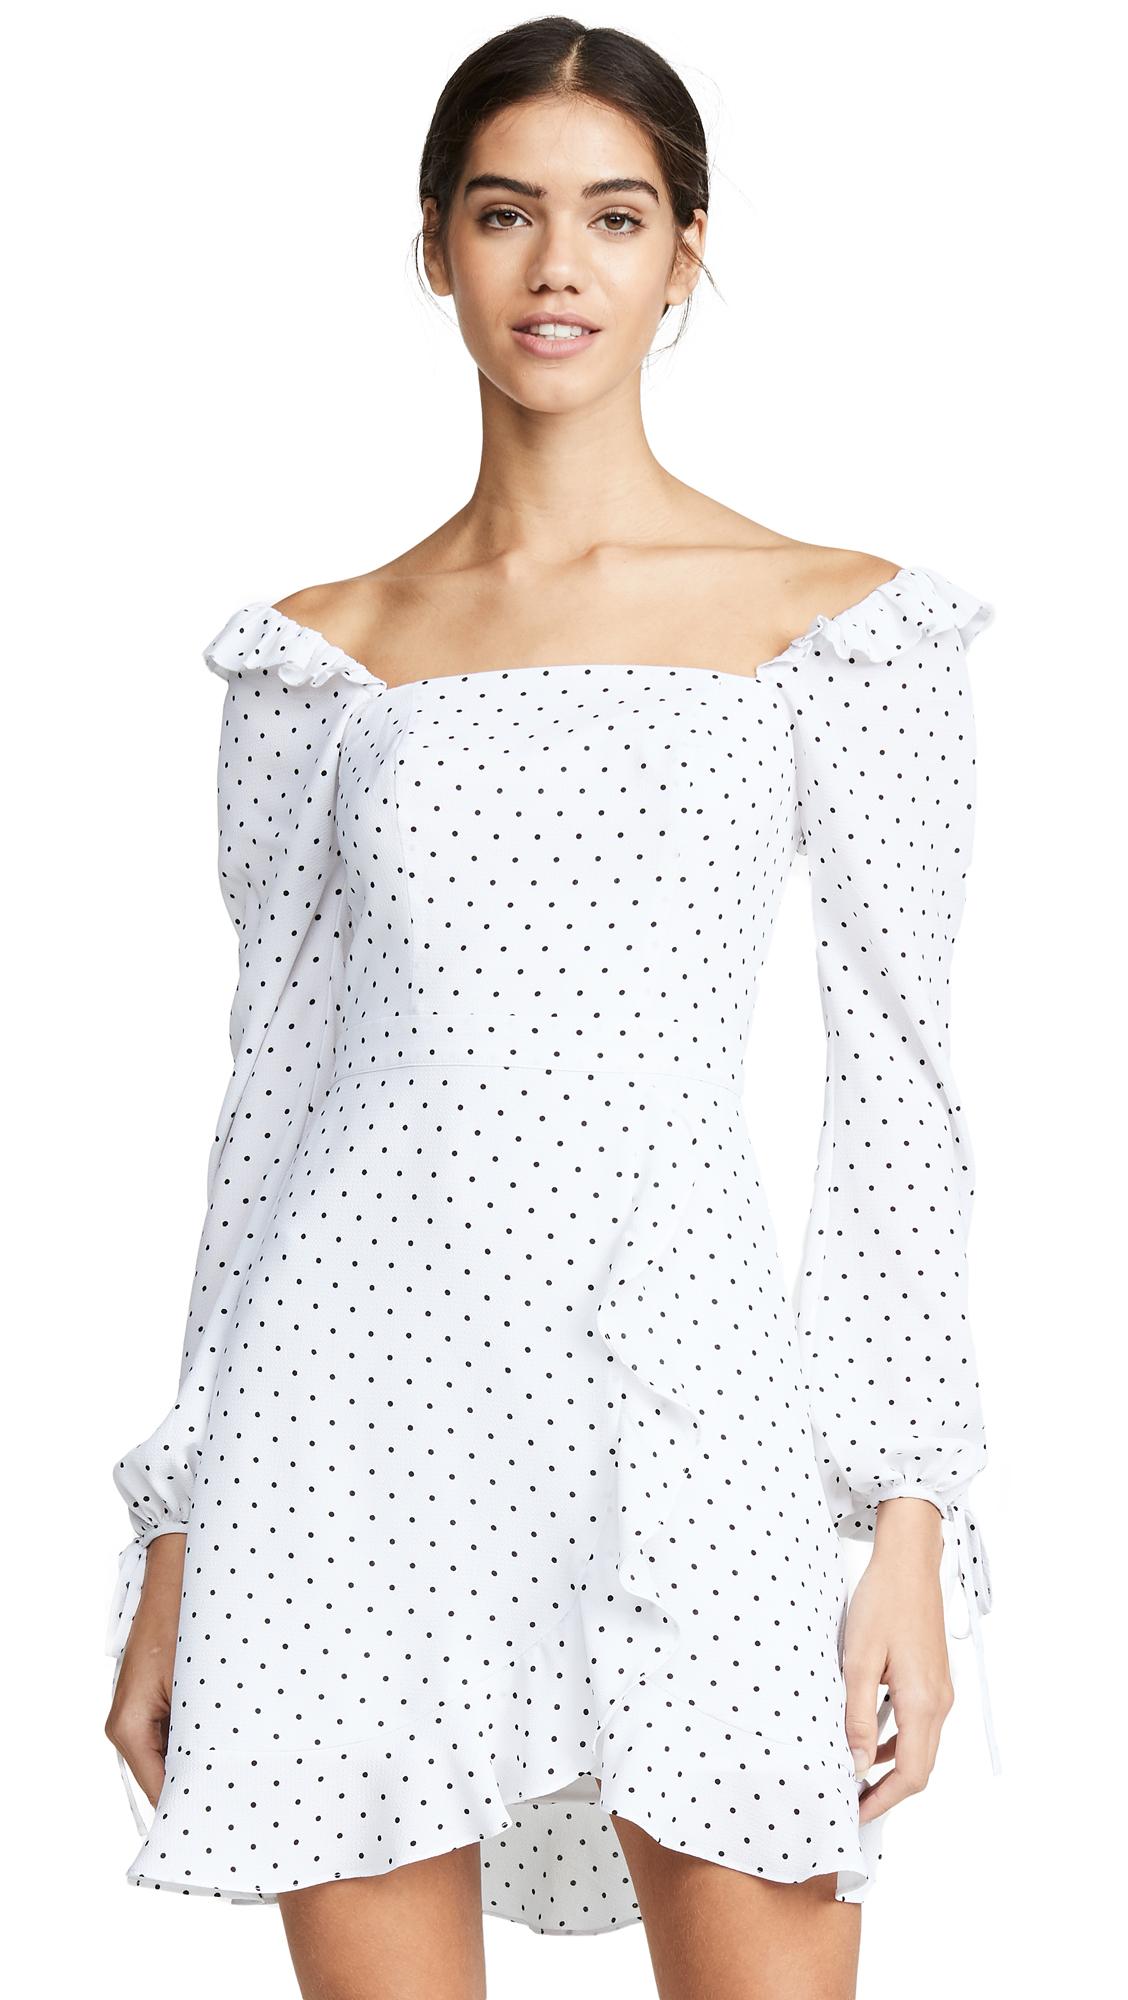 Ali & Jay In Bloom Polka Dot Mini Dress - White/Black Dot